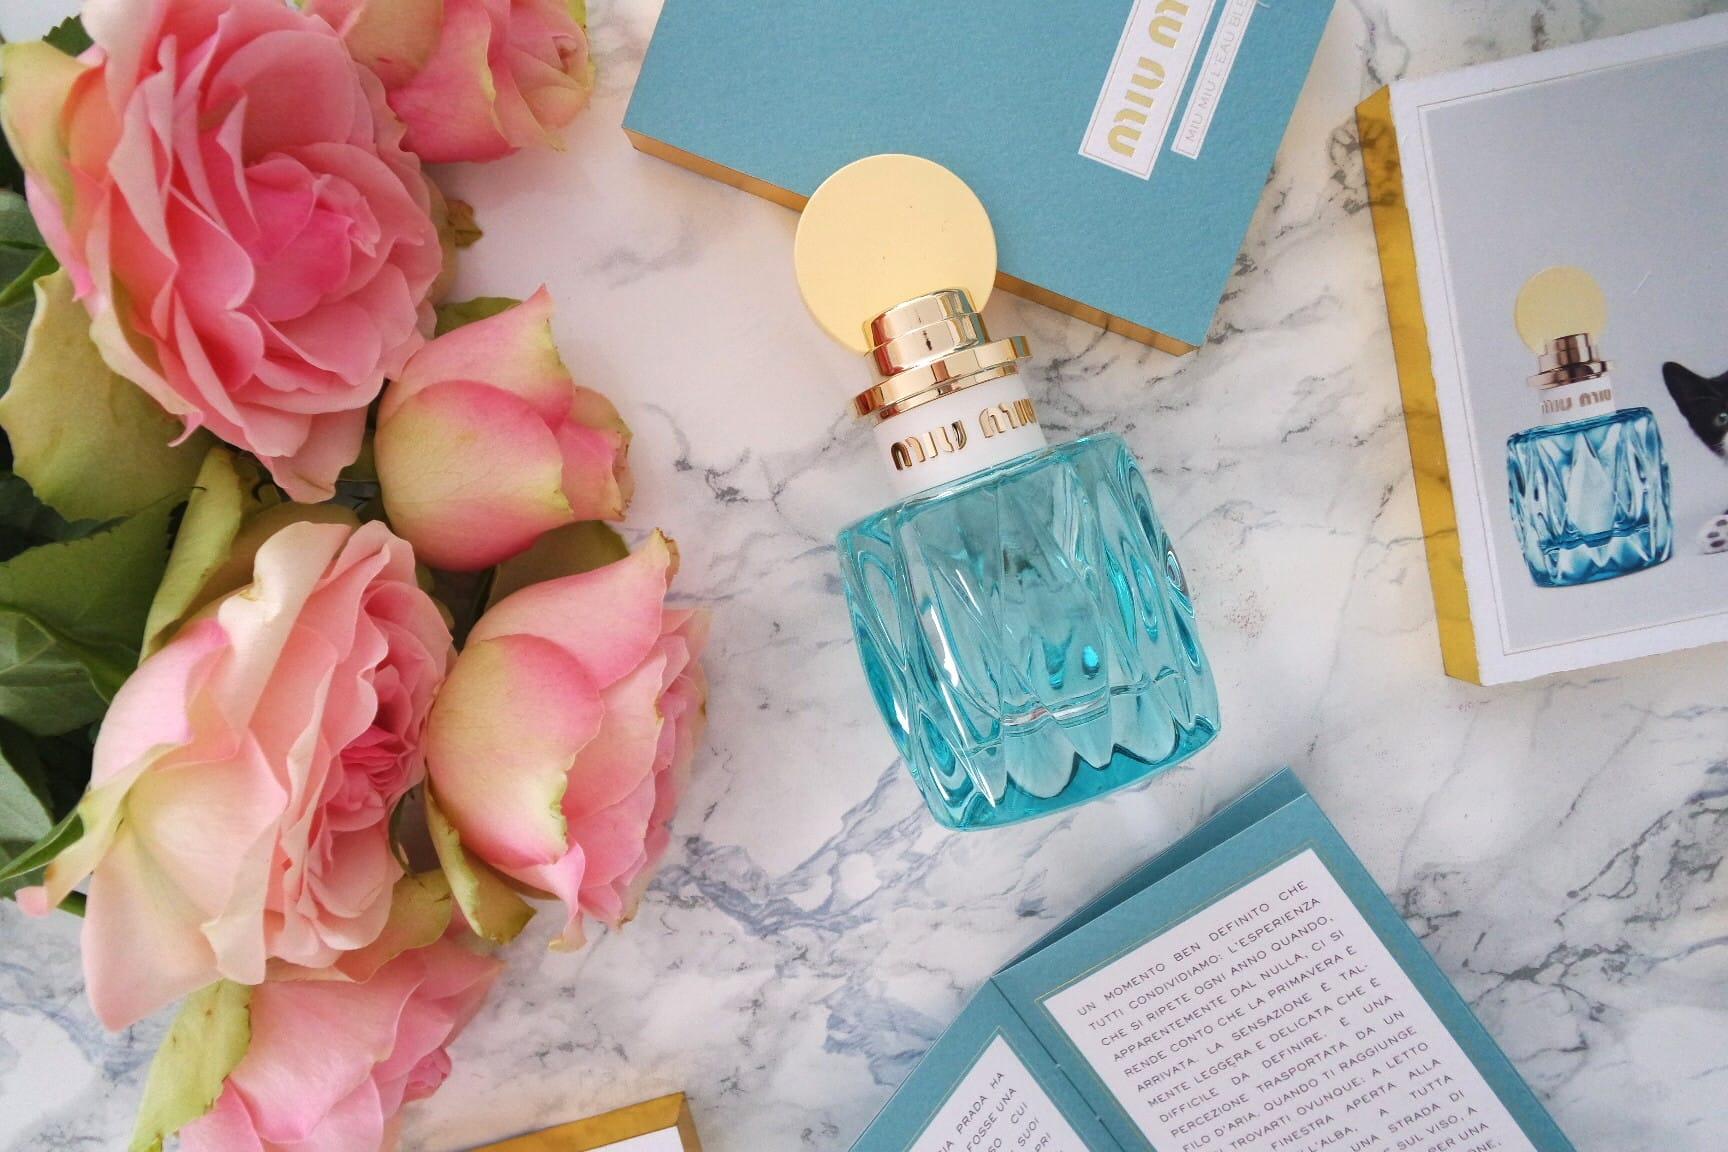 Miu miu l 39 eau bleue impulse for La mia boutique gennaio 2017